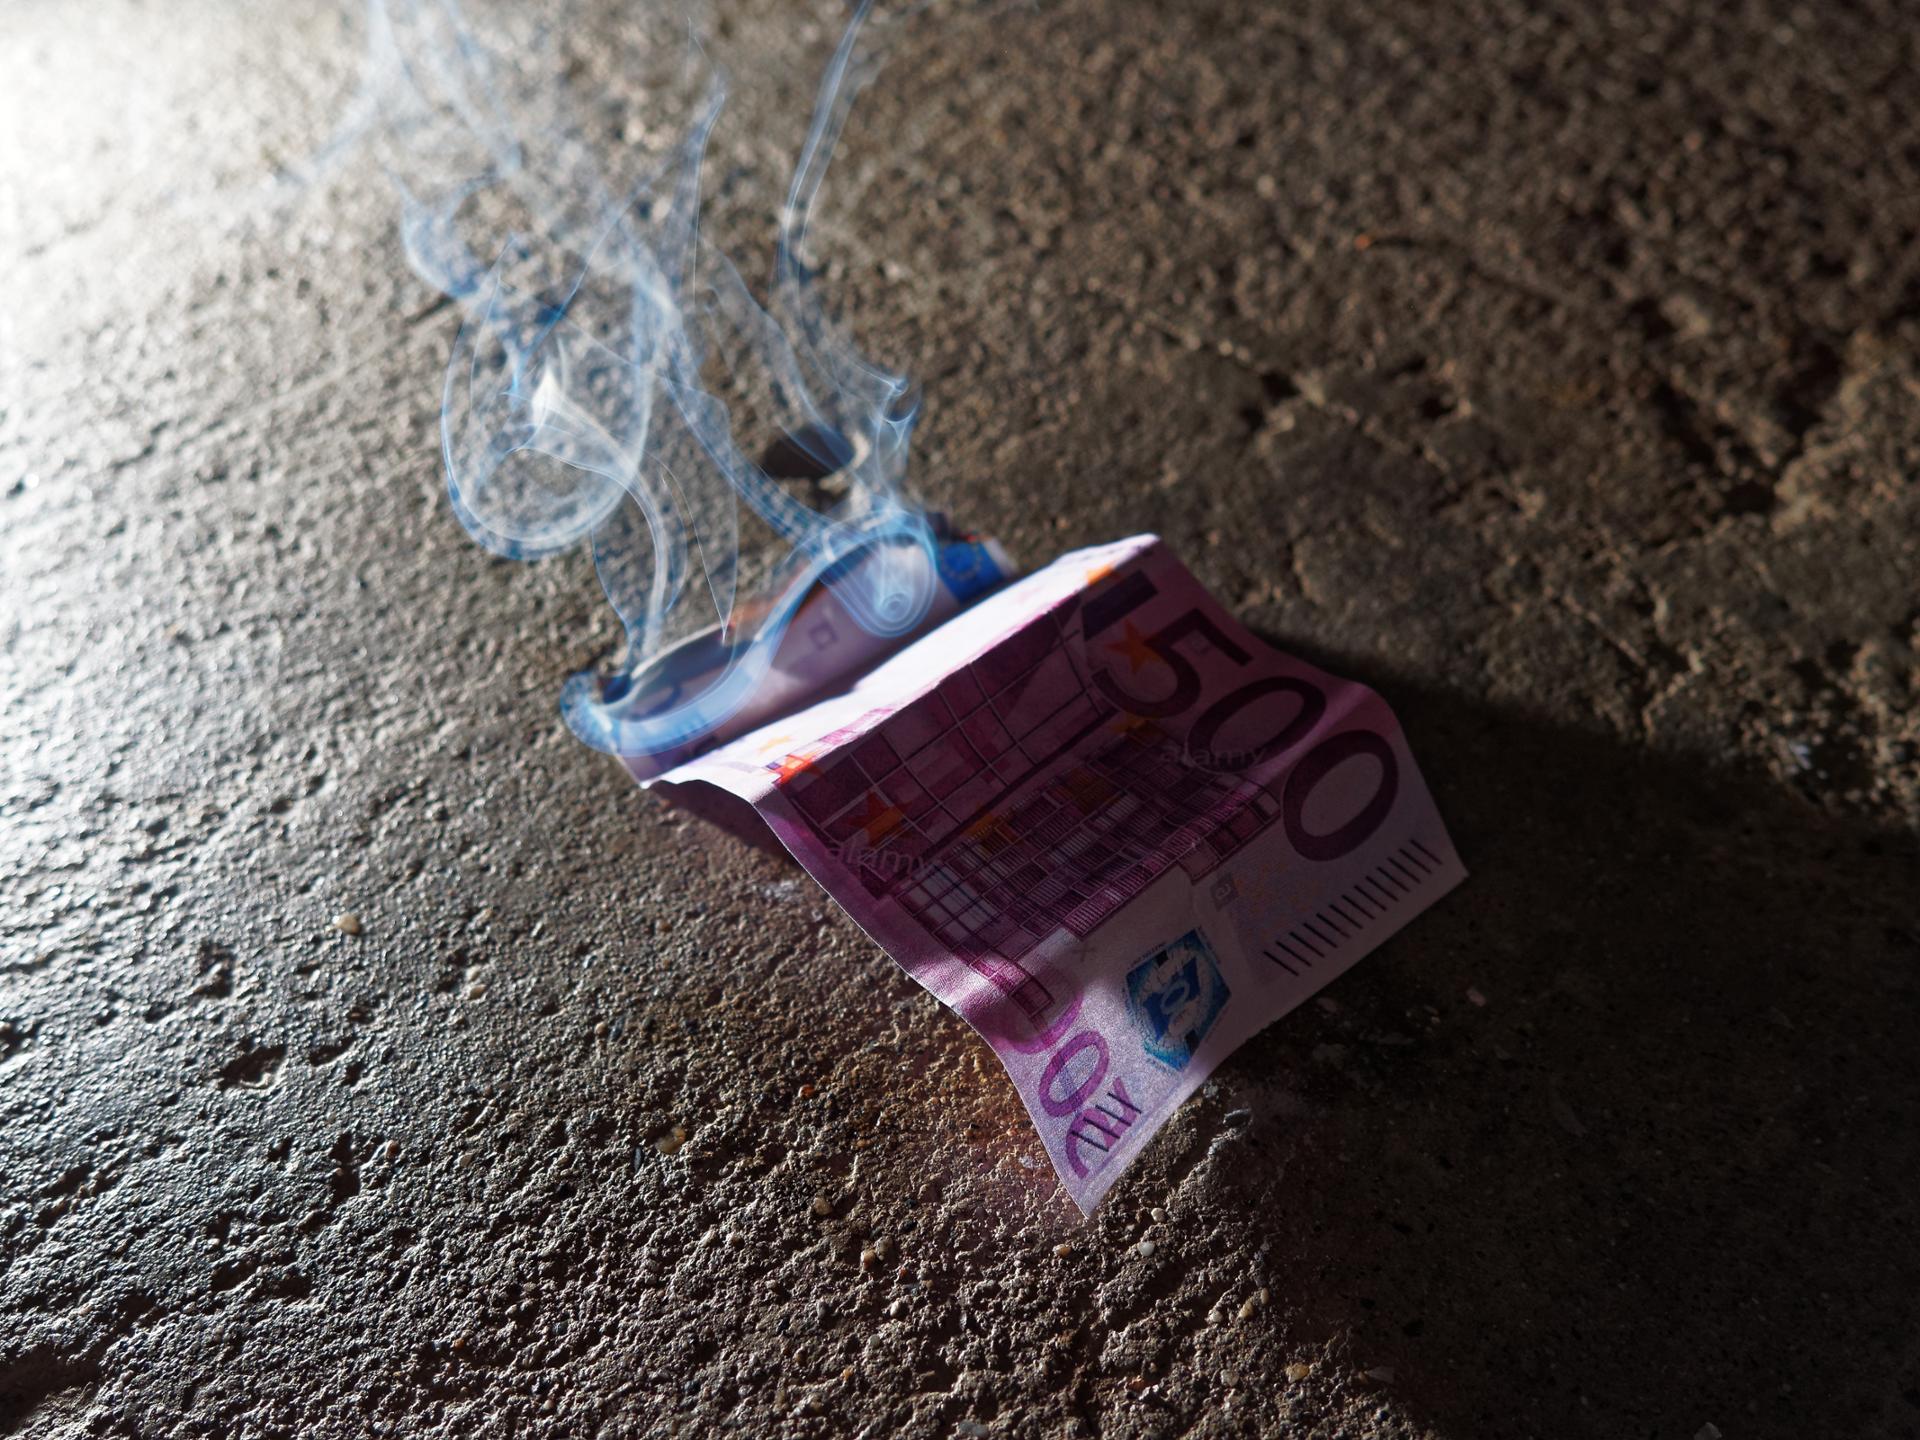 L'argent a une odeur